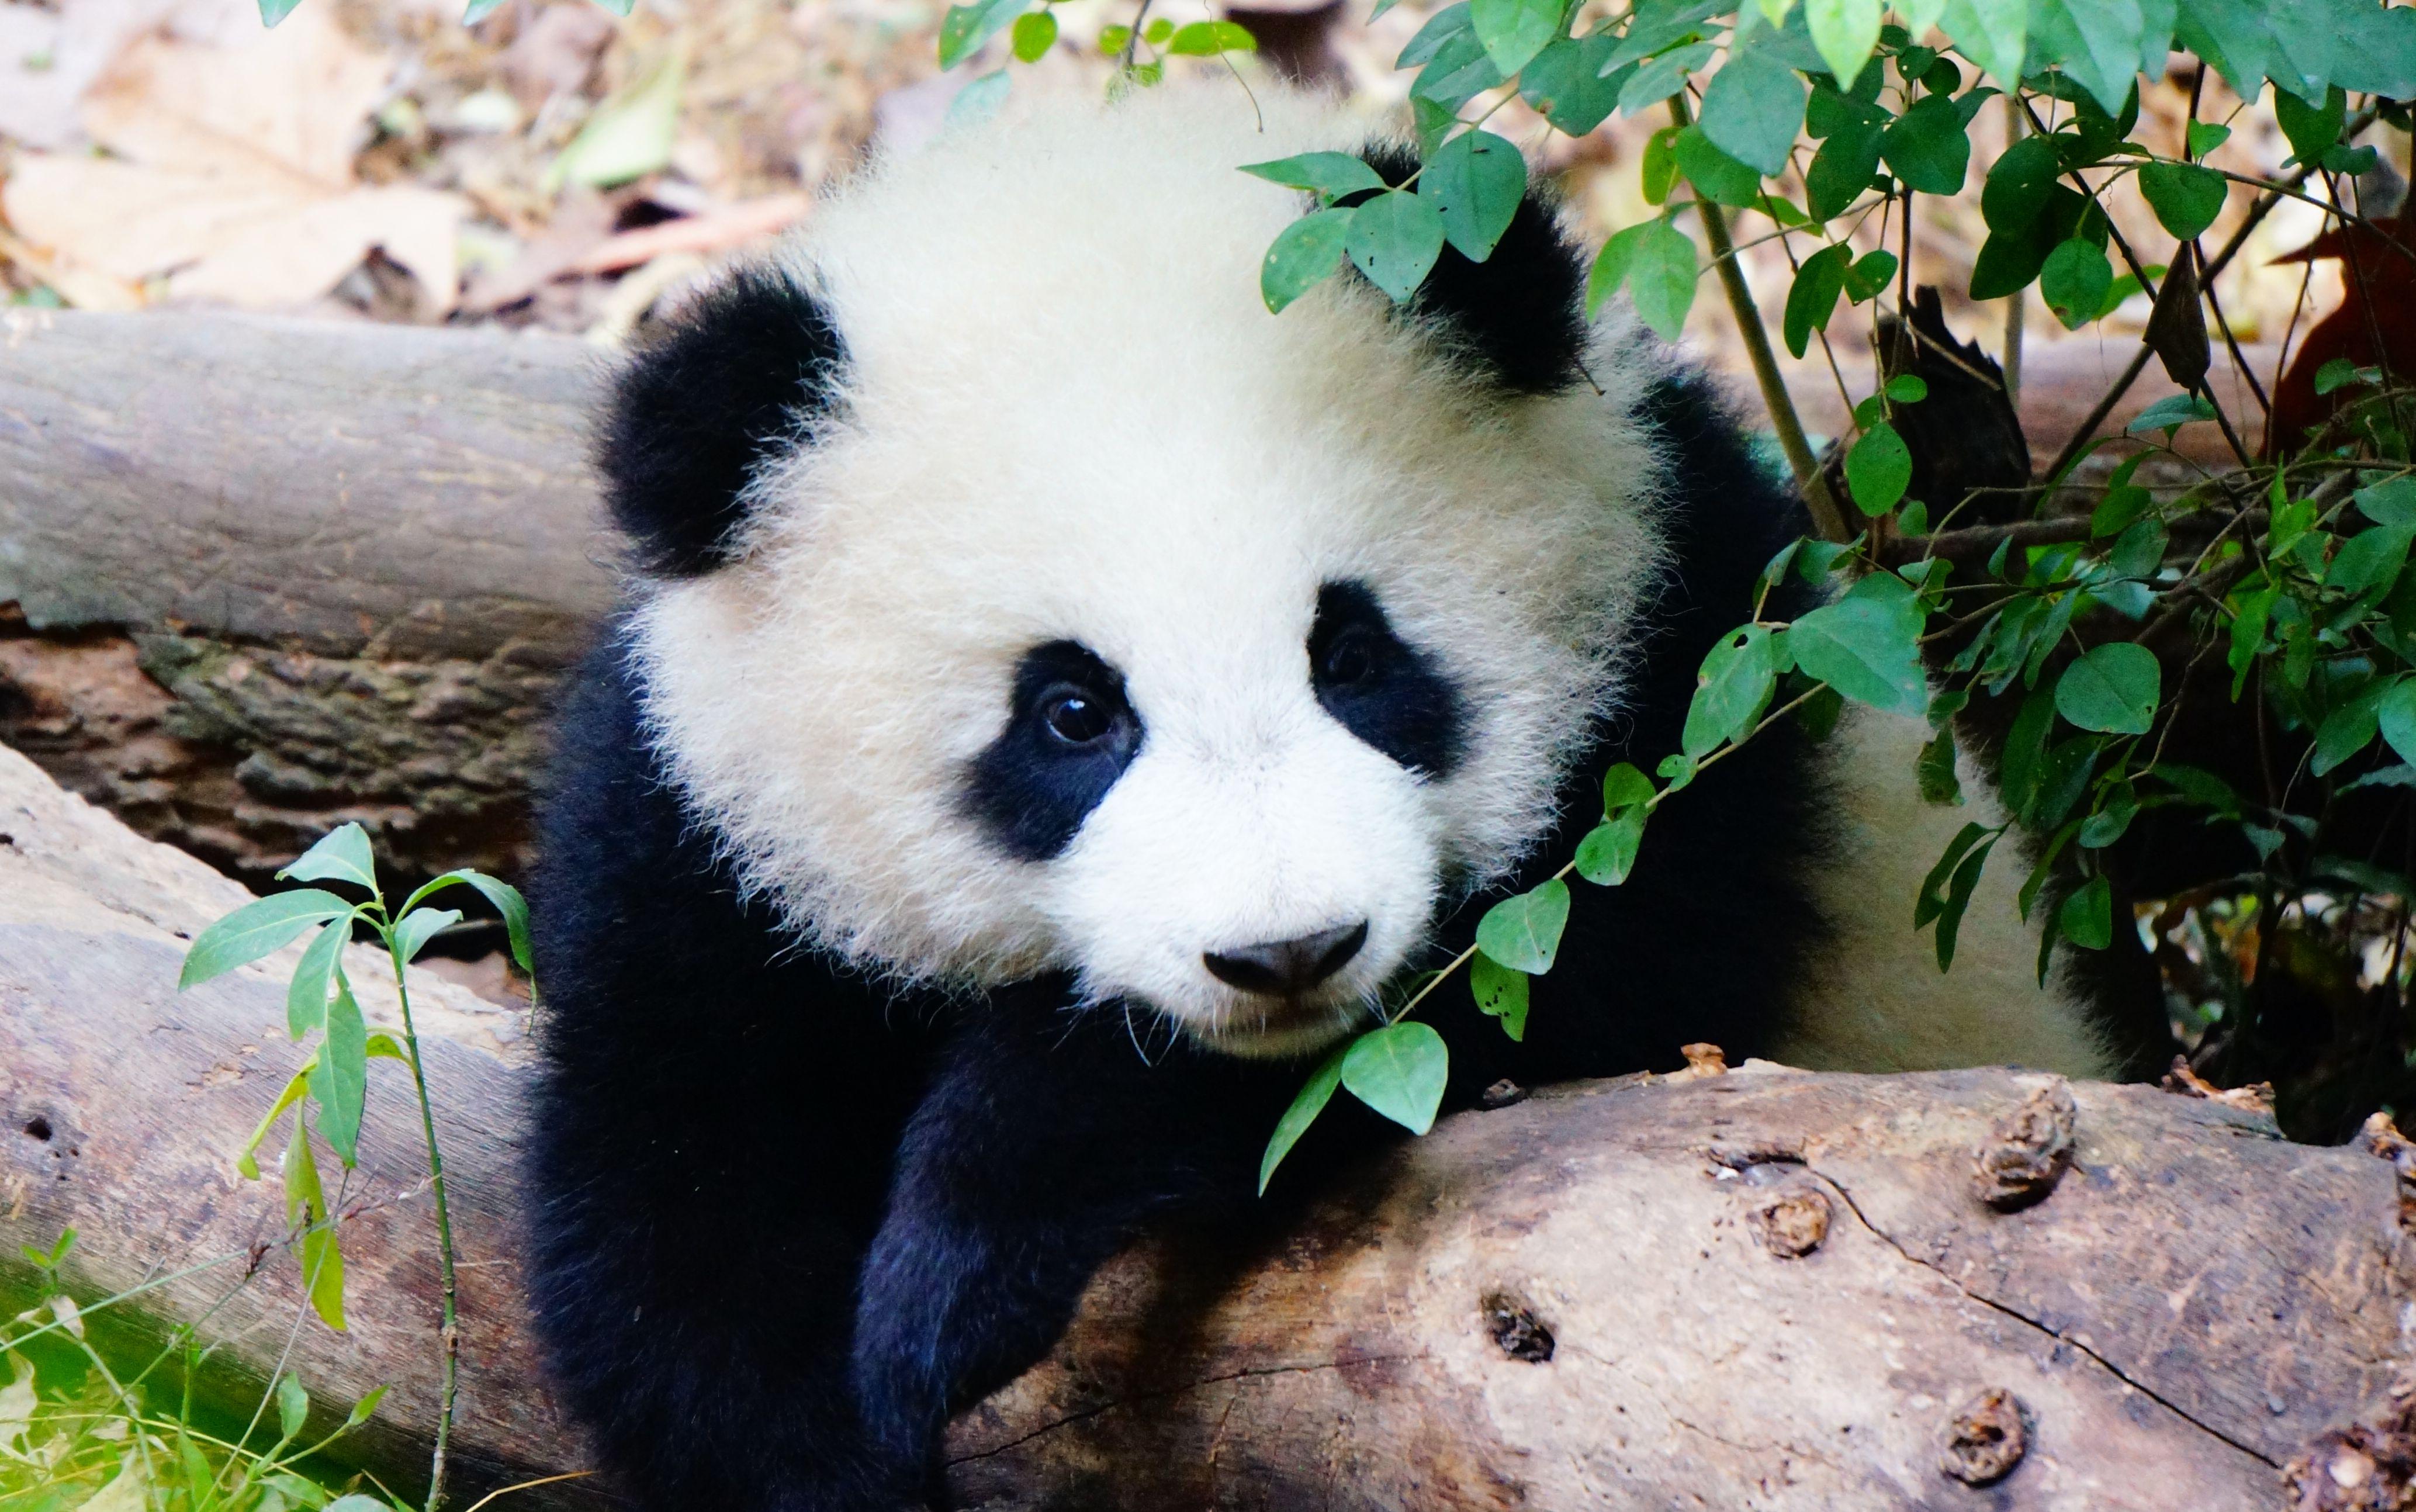 壁纸 大熊猫 动物 4134_2587